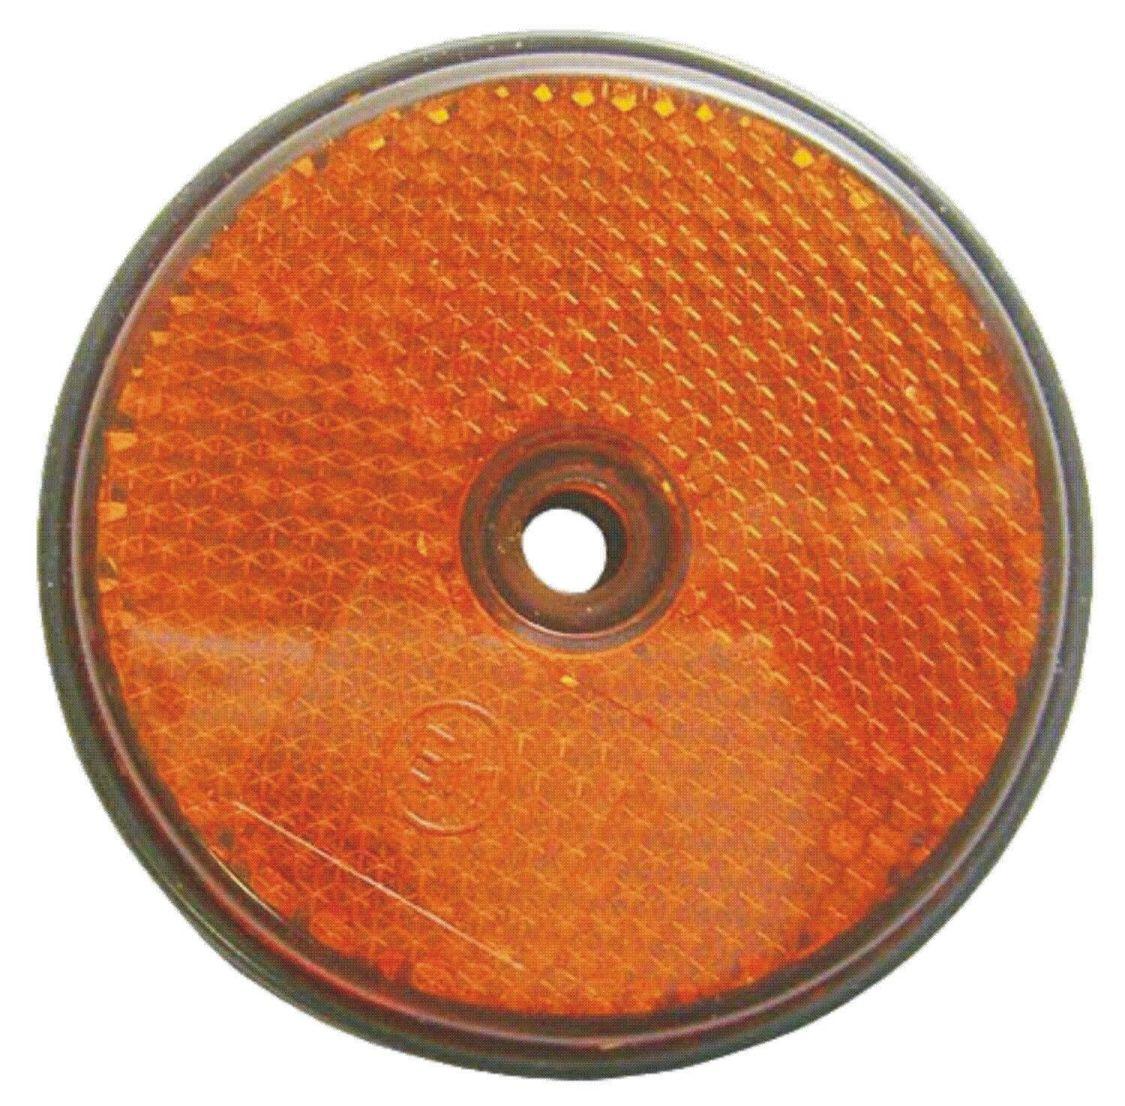 Reflektoren Rückstrahler Katzenaugen Reflektor orange Einfahrt Markierung